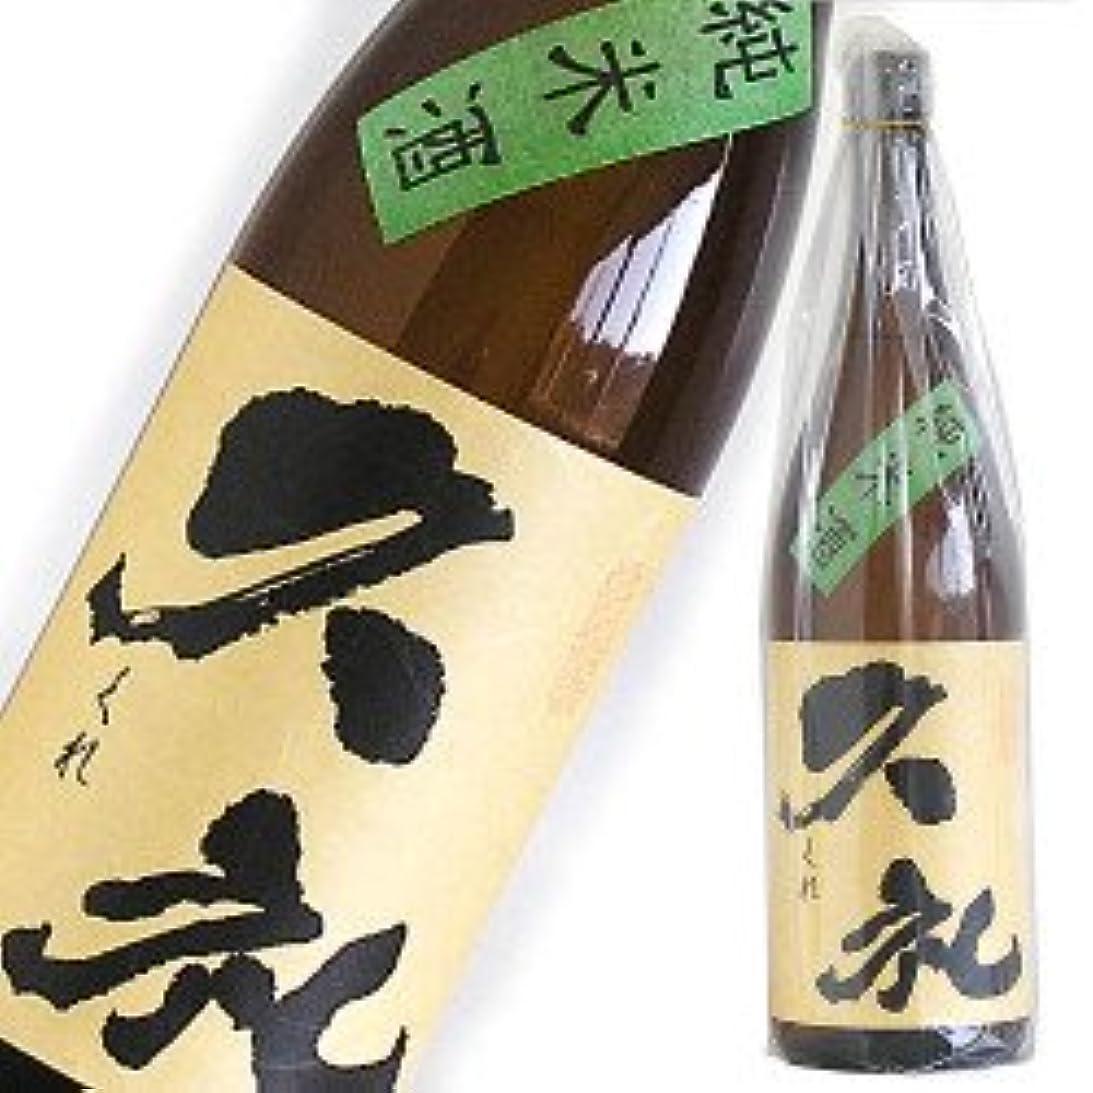 抽選補助金複雑な西岡酒造 純米酒 久礼 1800ml